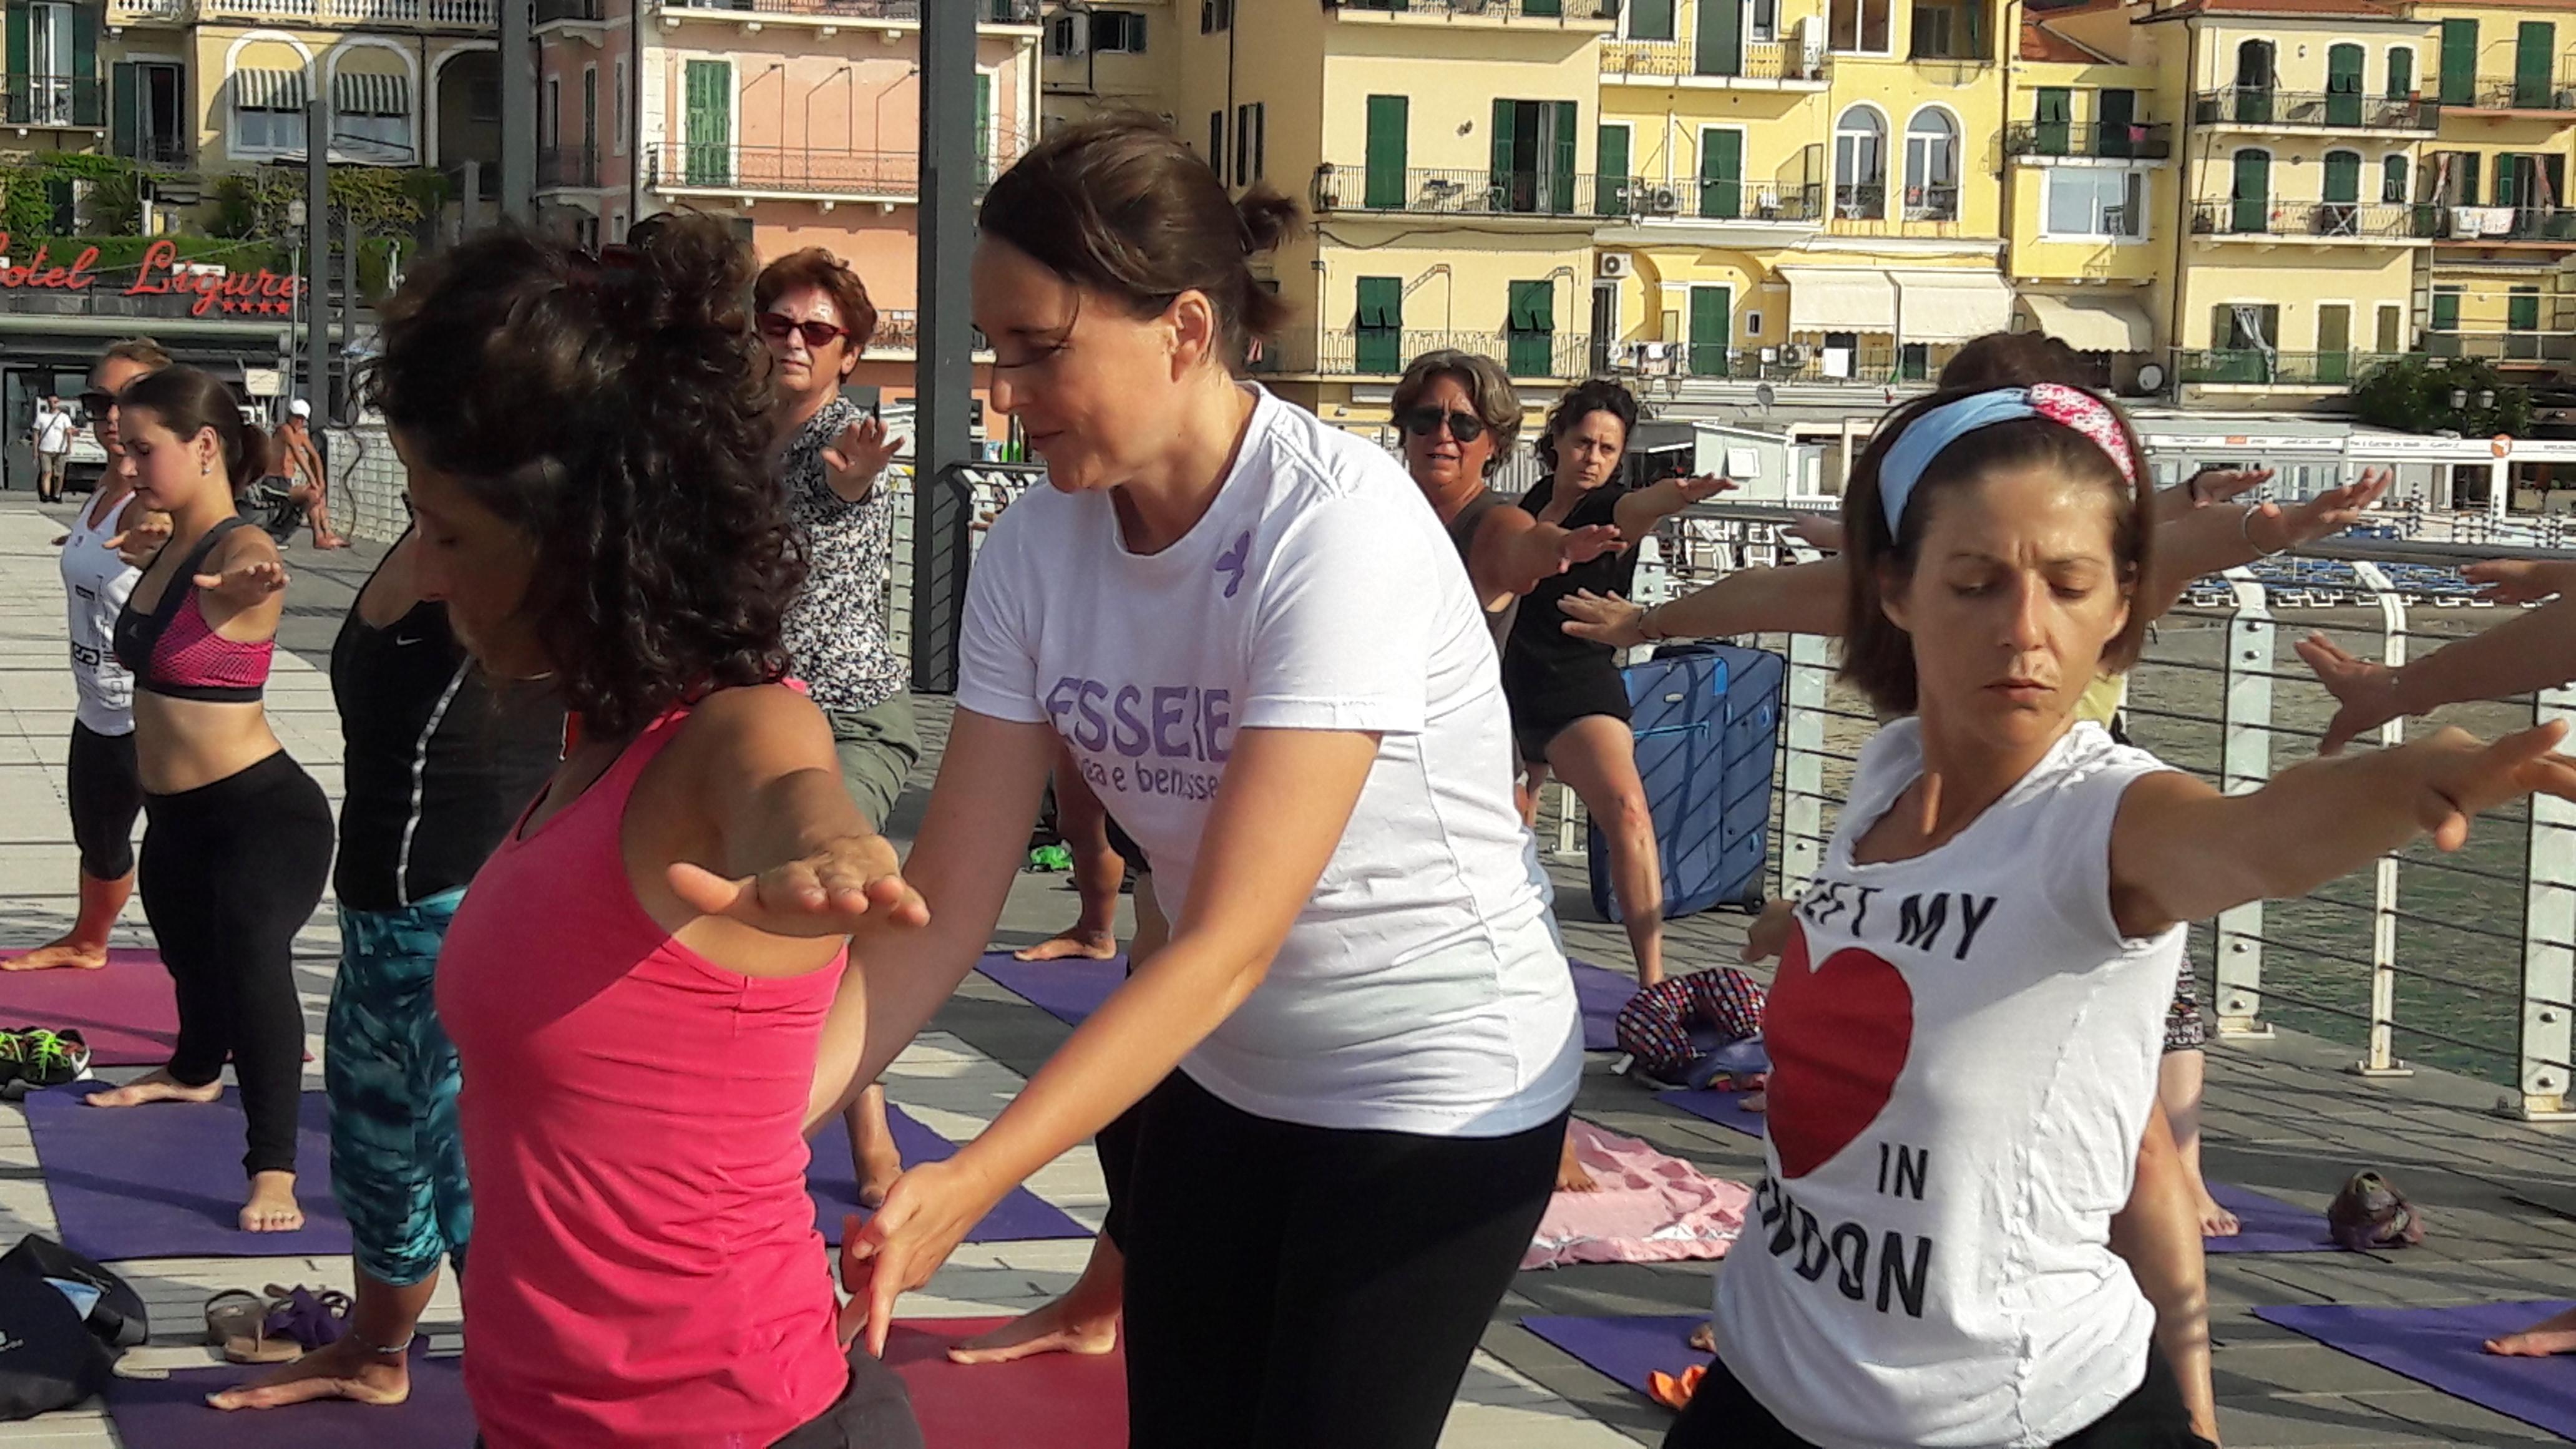 essere-free-yoga-gratuito-benessere-per-tutti-village-citta-alassio-estate-lucia-ragazzi-summer-town-wellness-061